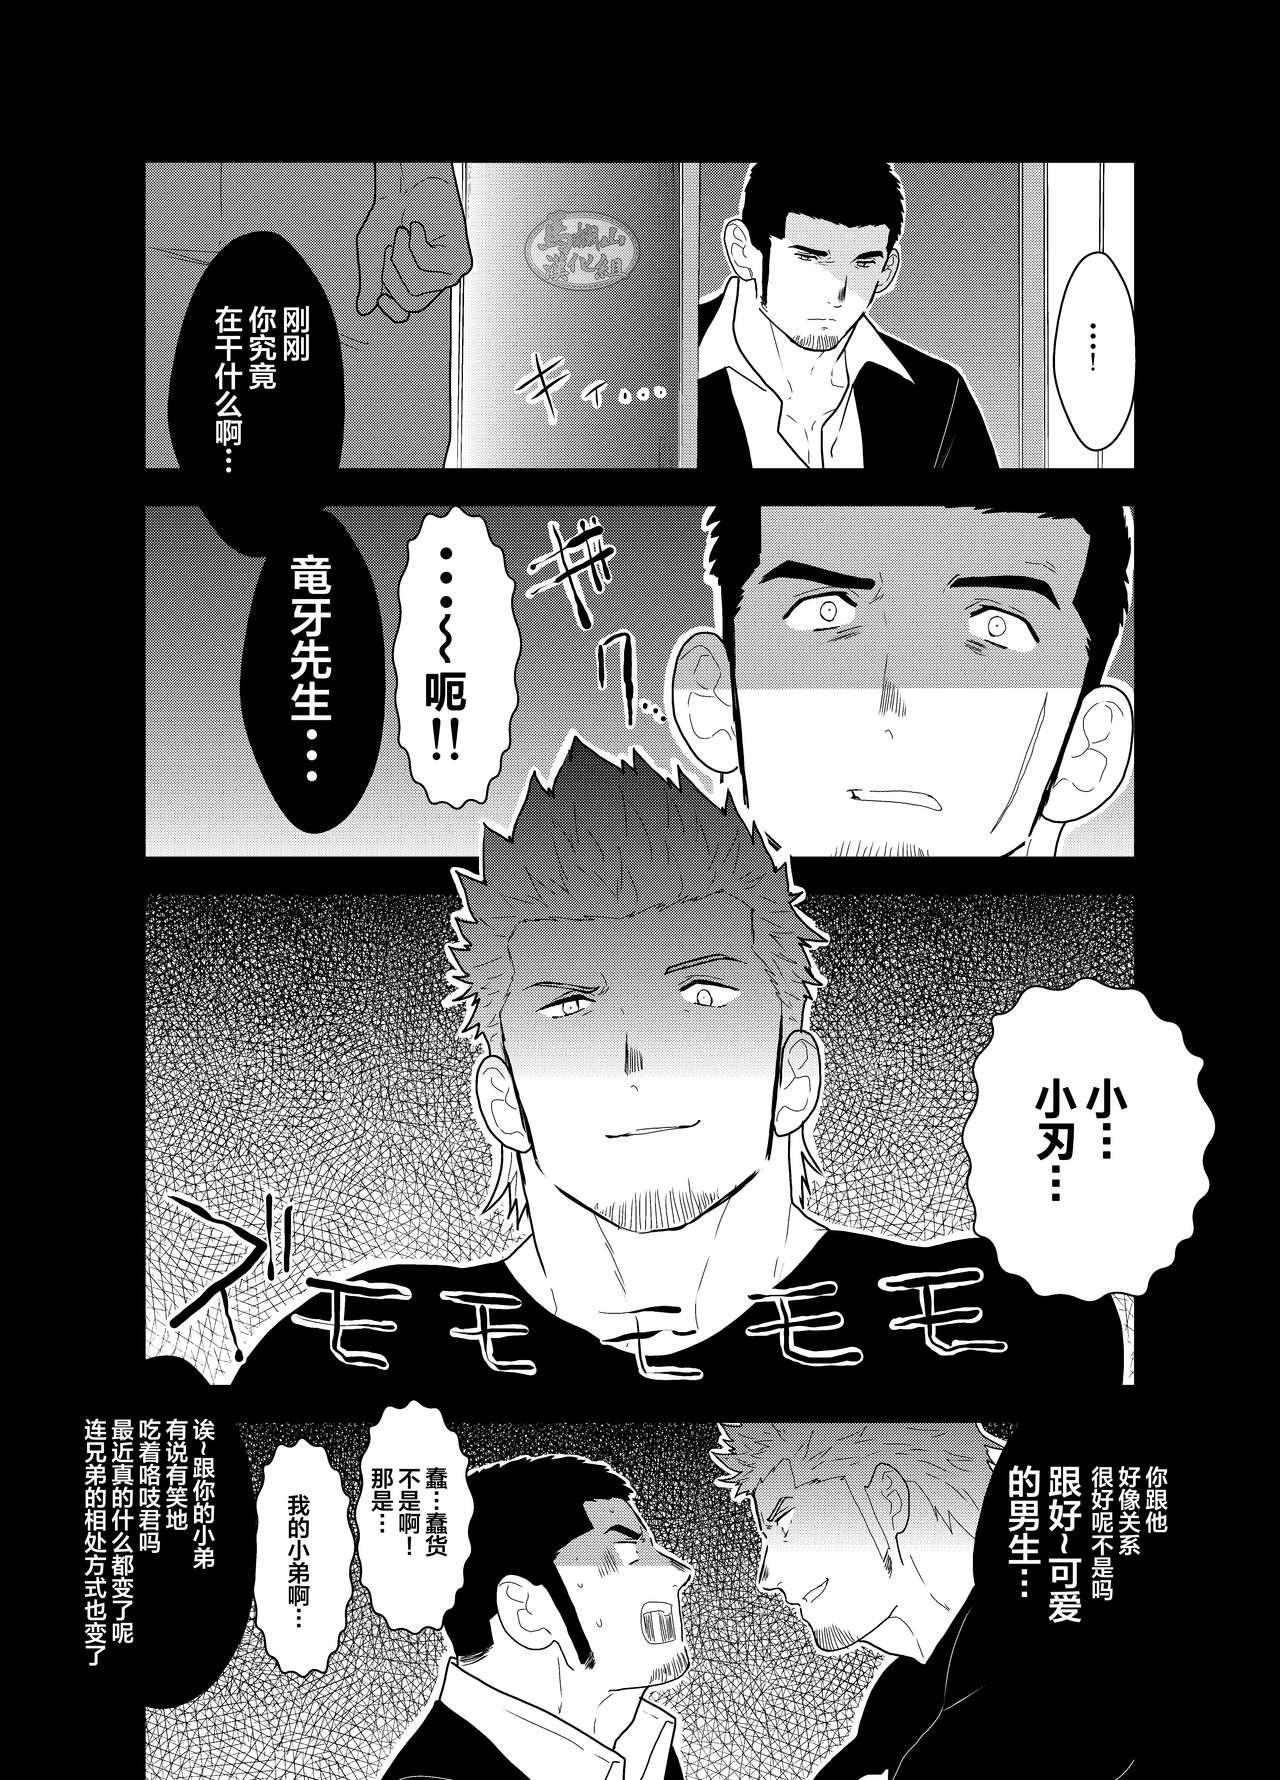 Moshimo Yakuza ni Koigokoro ga Mebae Hajimetara 11